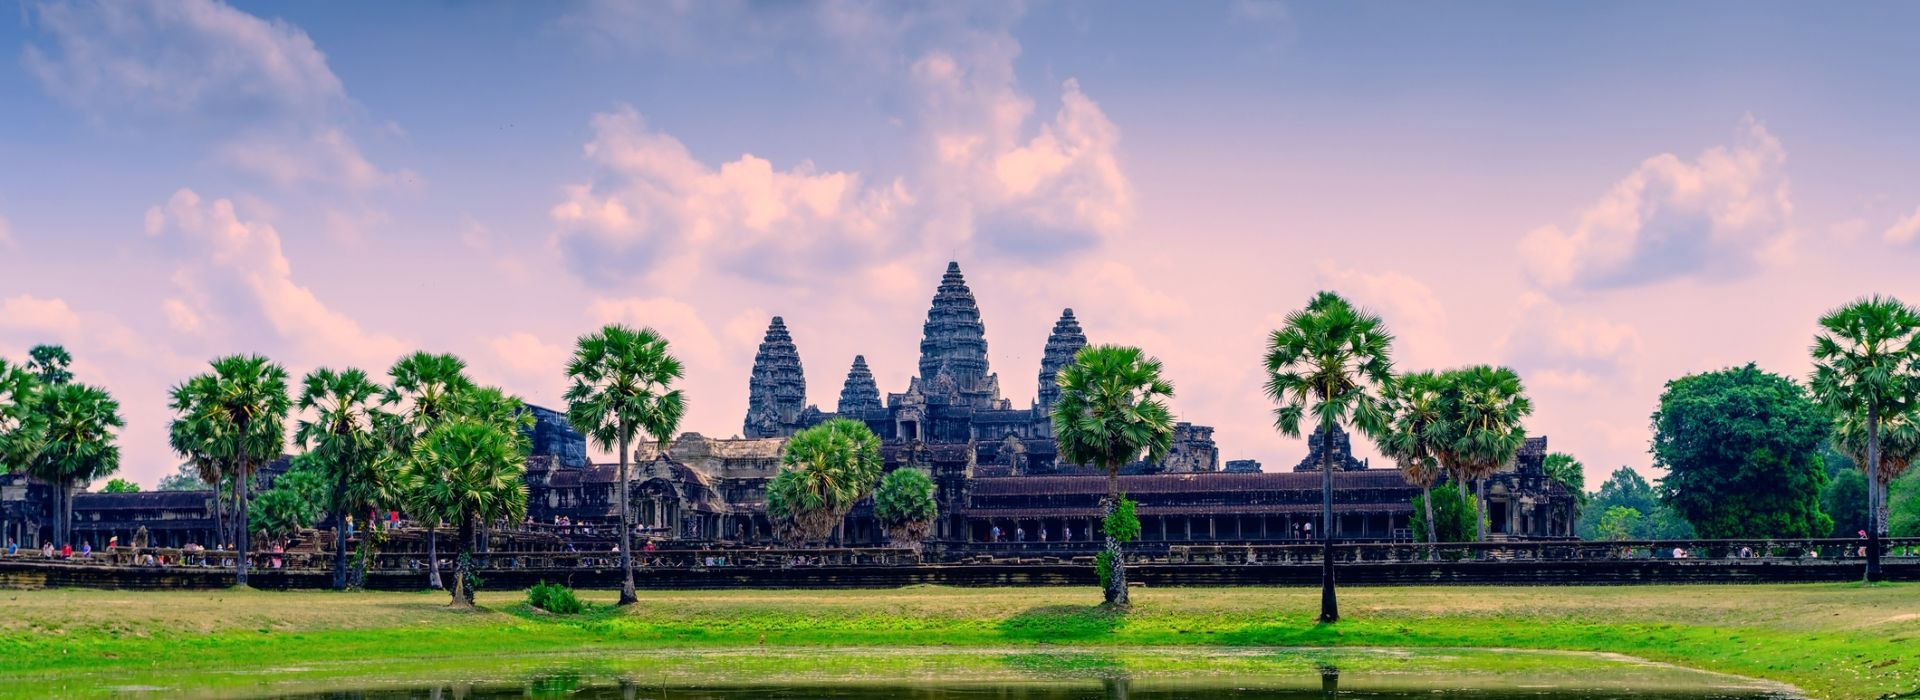 Natural landmarks sightseeing Tours in Phnom Penh